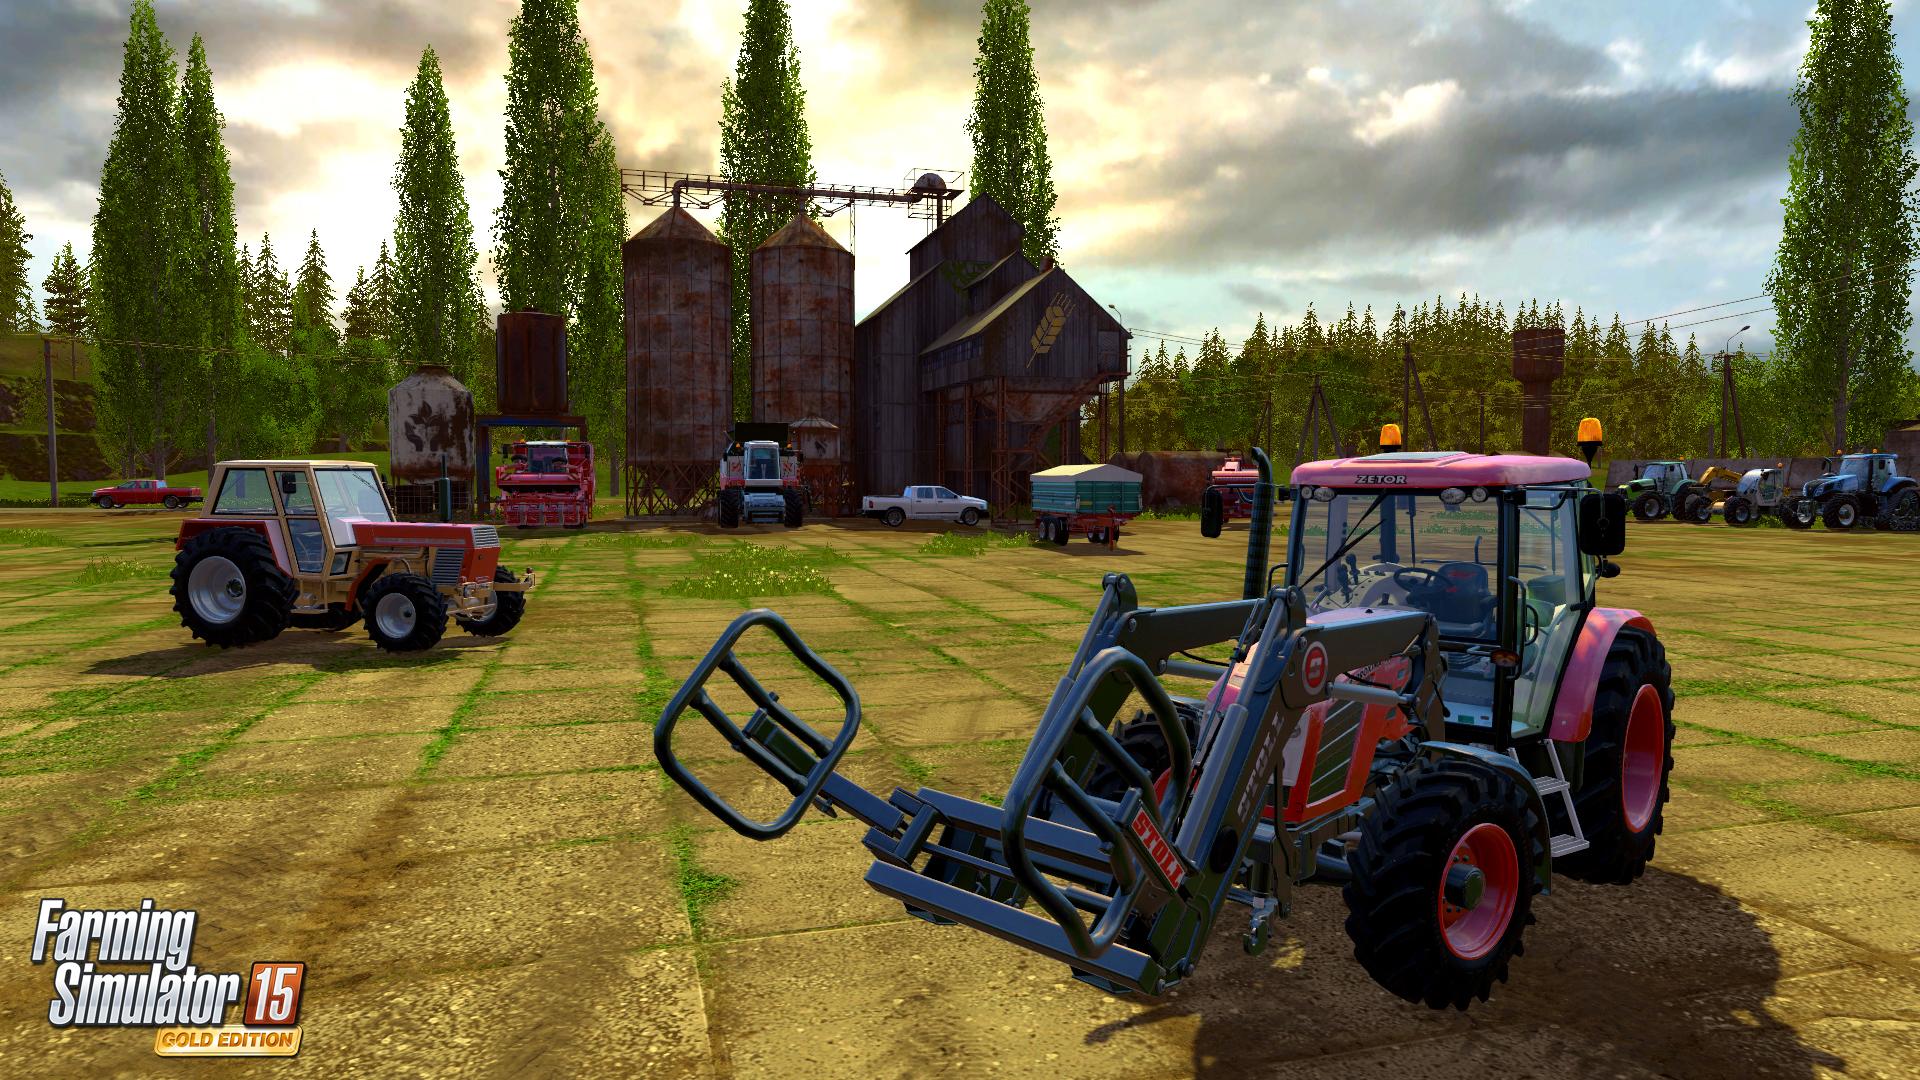 Čtyřikrát z Farming Simulatoru 15 GOLD 114991